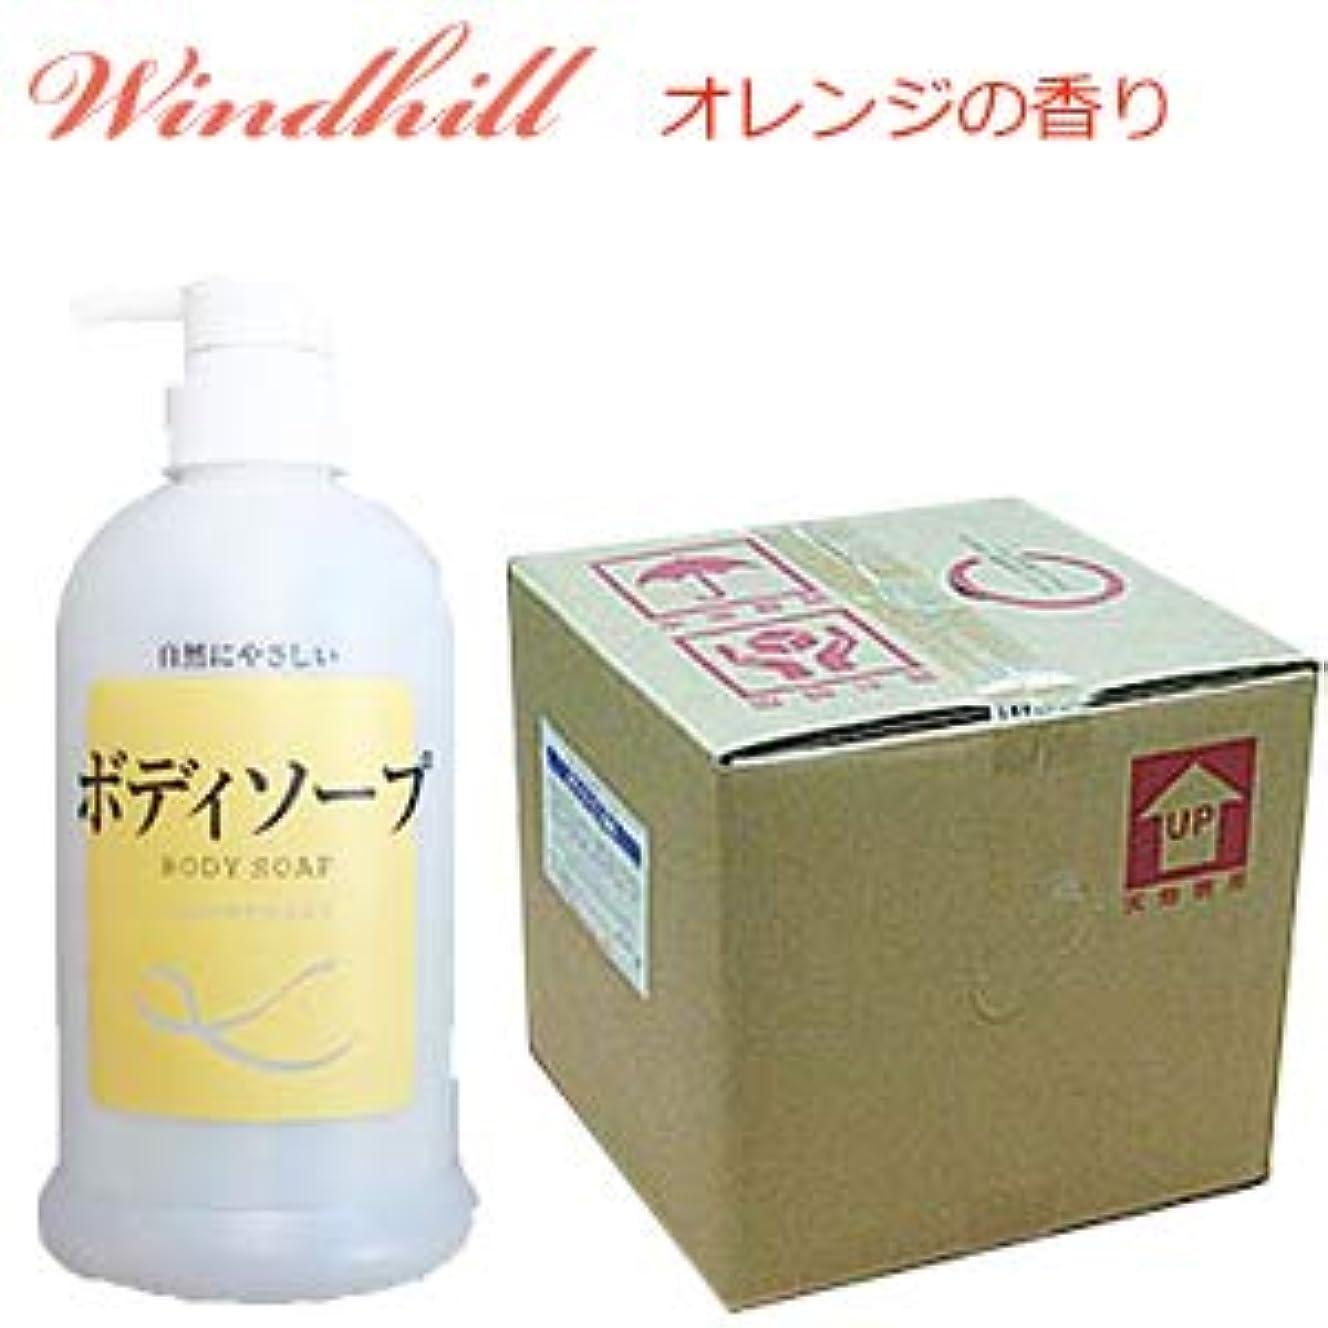 コメント申請中ストリームWindhill 植物性 業務用ボディソープオレンジの香り 20L(1セット20L入)